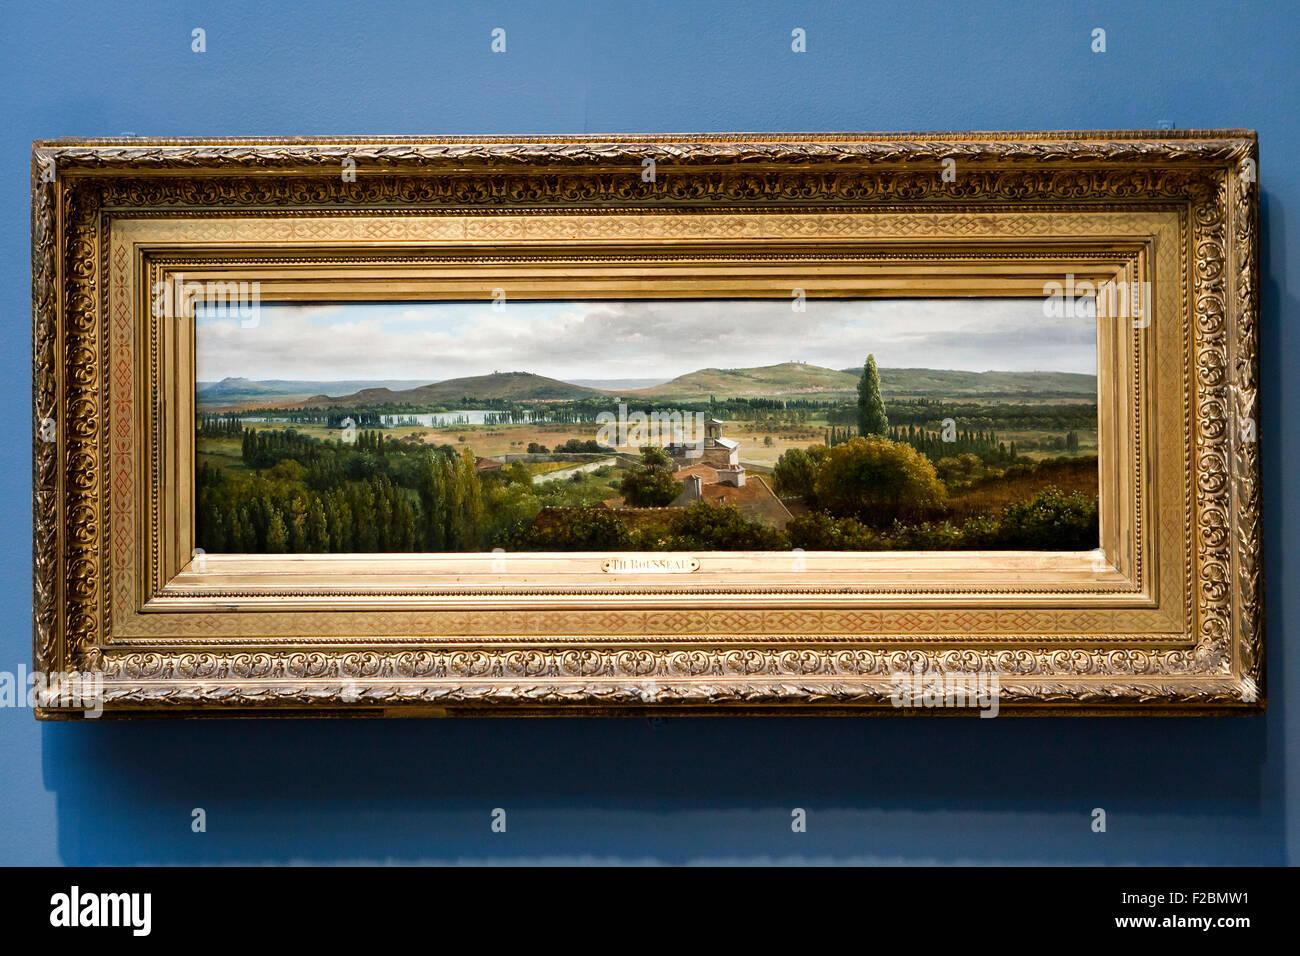 Panoramablick auf die Ile-de-France von Theodore Rousseau, um 1830 Stockbild